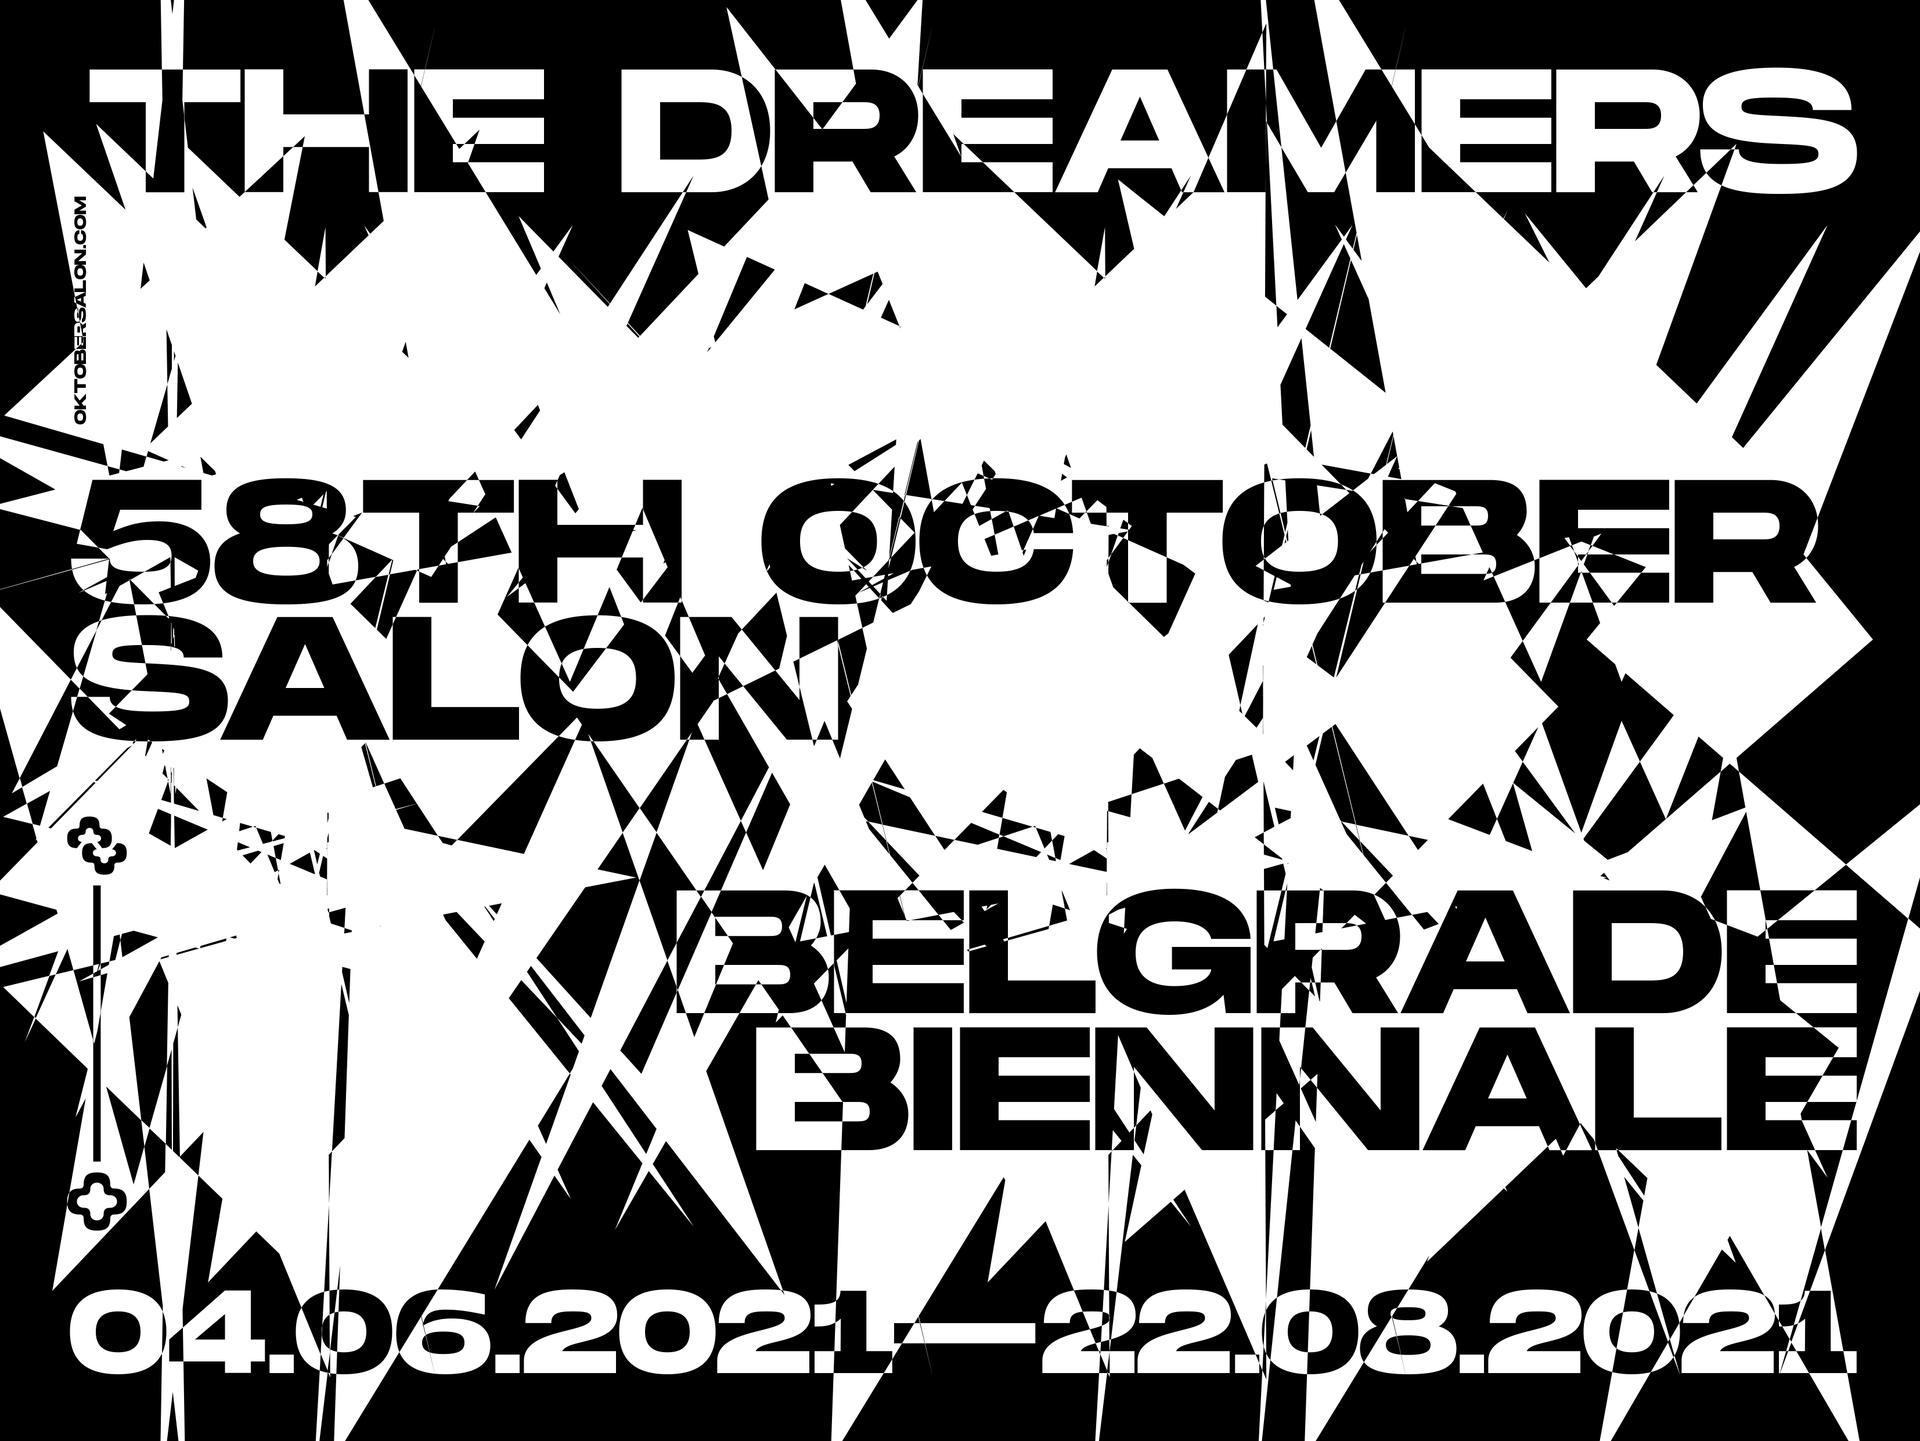 Una mostra sui sogni: parte quest'estate la 58a Biennale di Belgrado